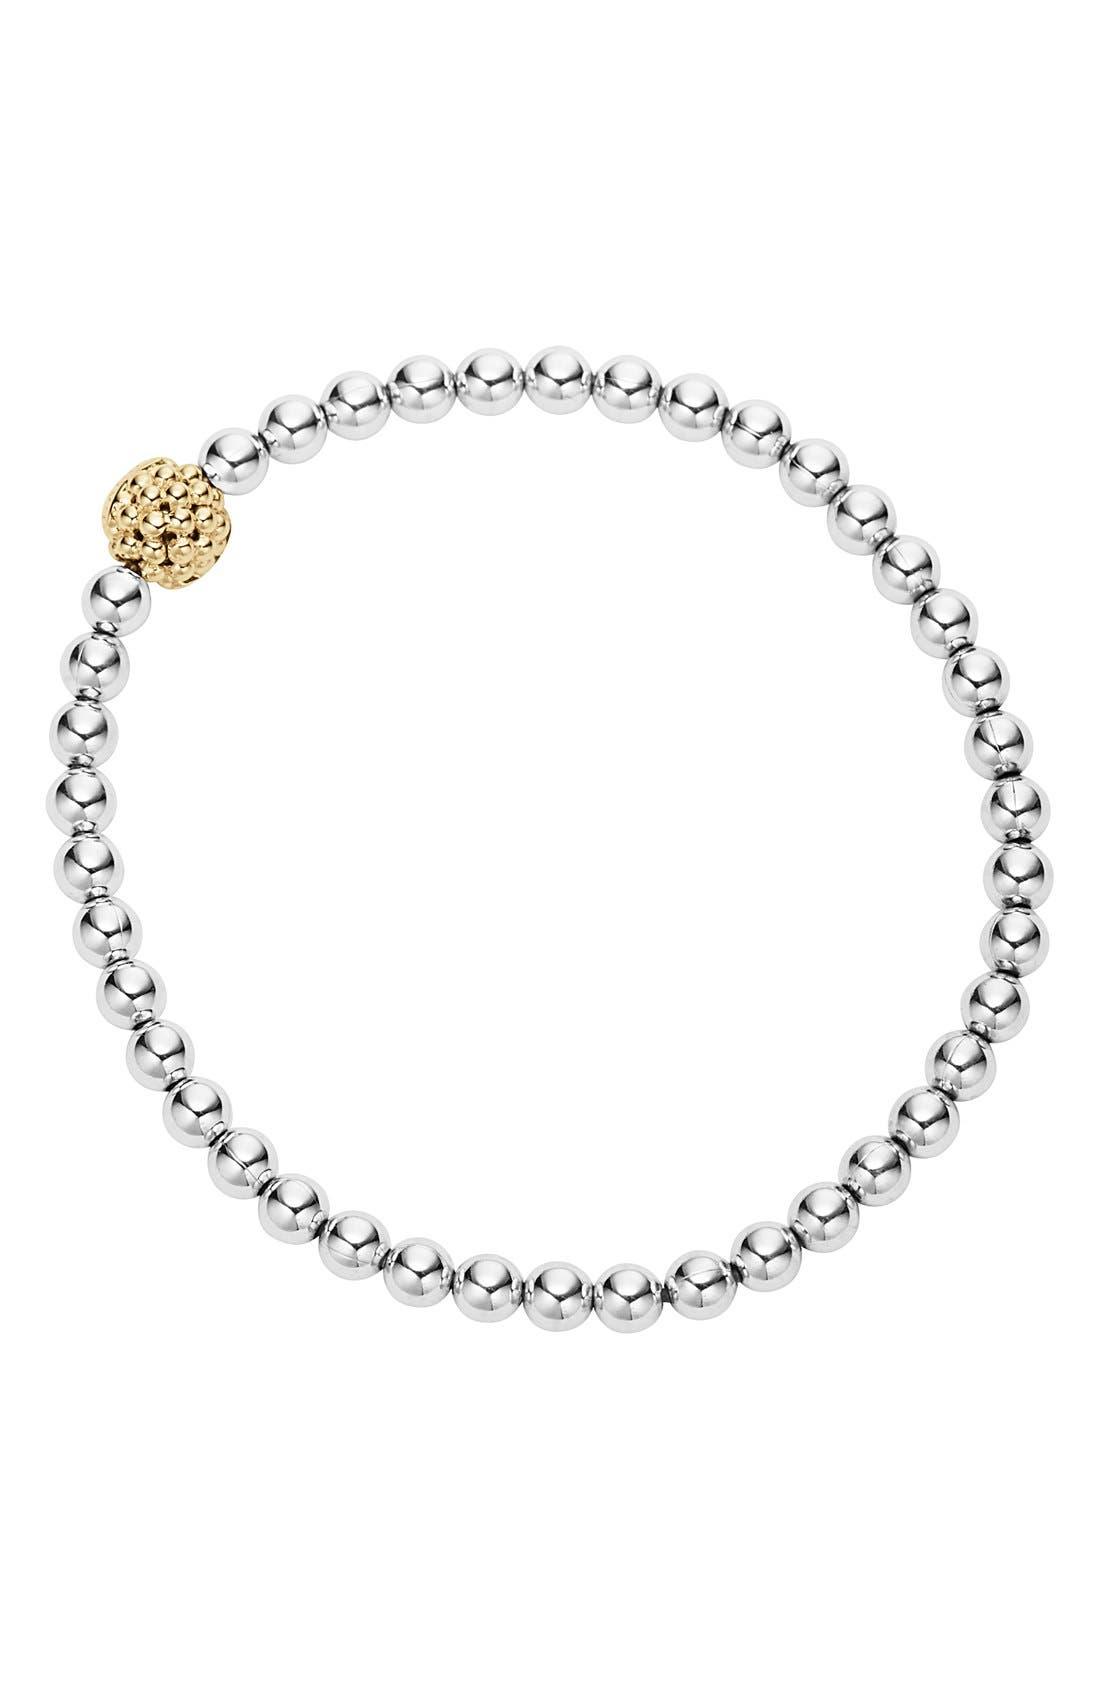 Caviar Icon Ball Bracelet,                         Main,                         color, SILVER/ GOLD BALL